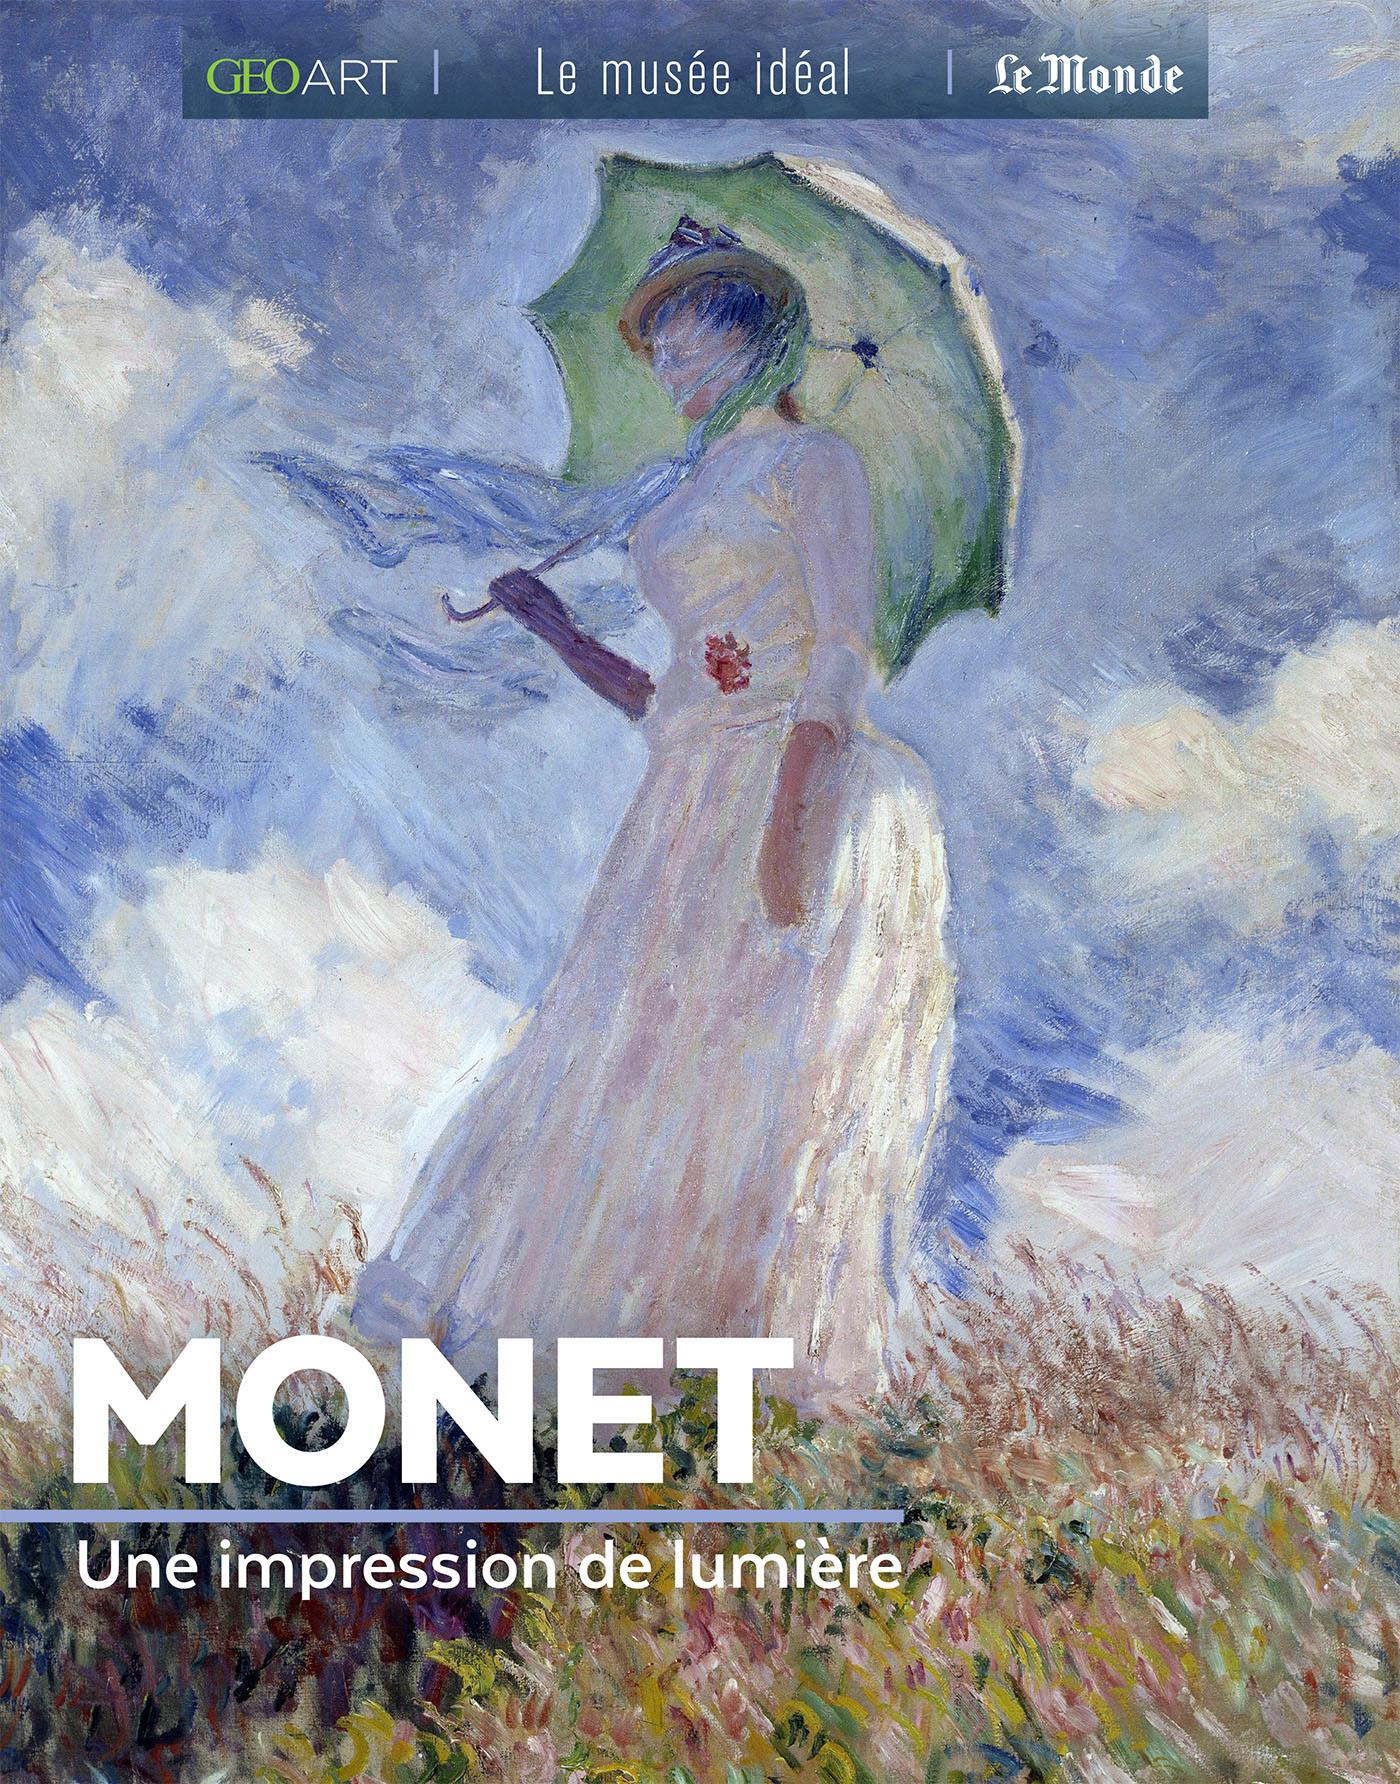 MONET, UNE IMPRESSION DE LUMIERE